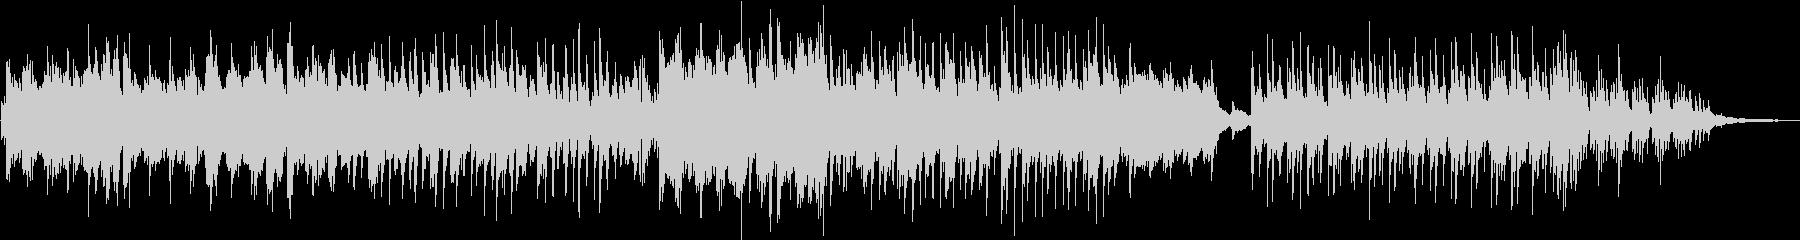 様々な映像に合う、たんたんとしたピアノ曲の未再生の波形